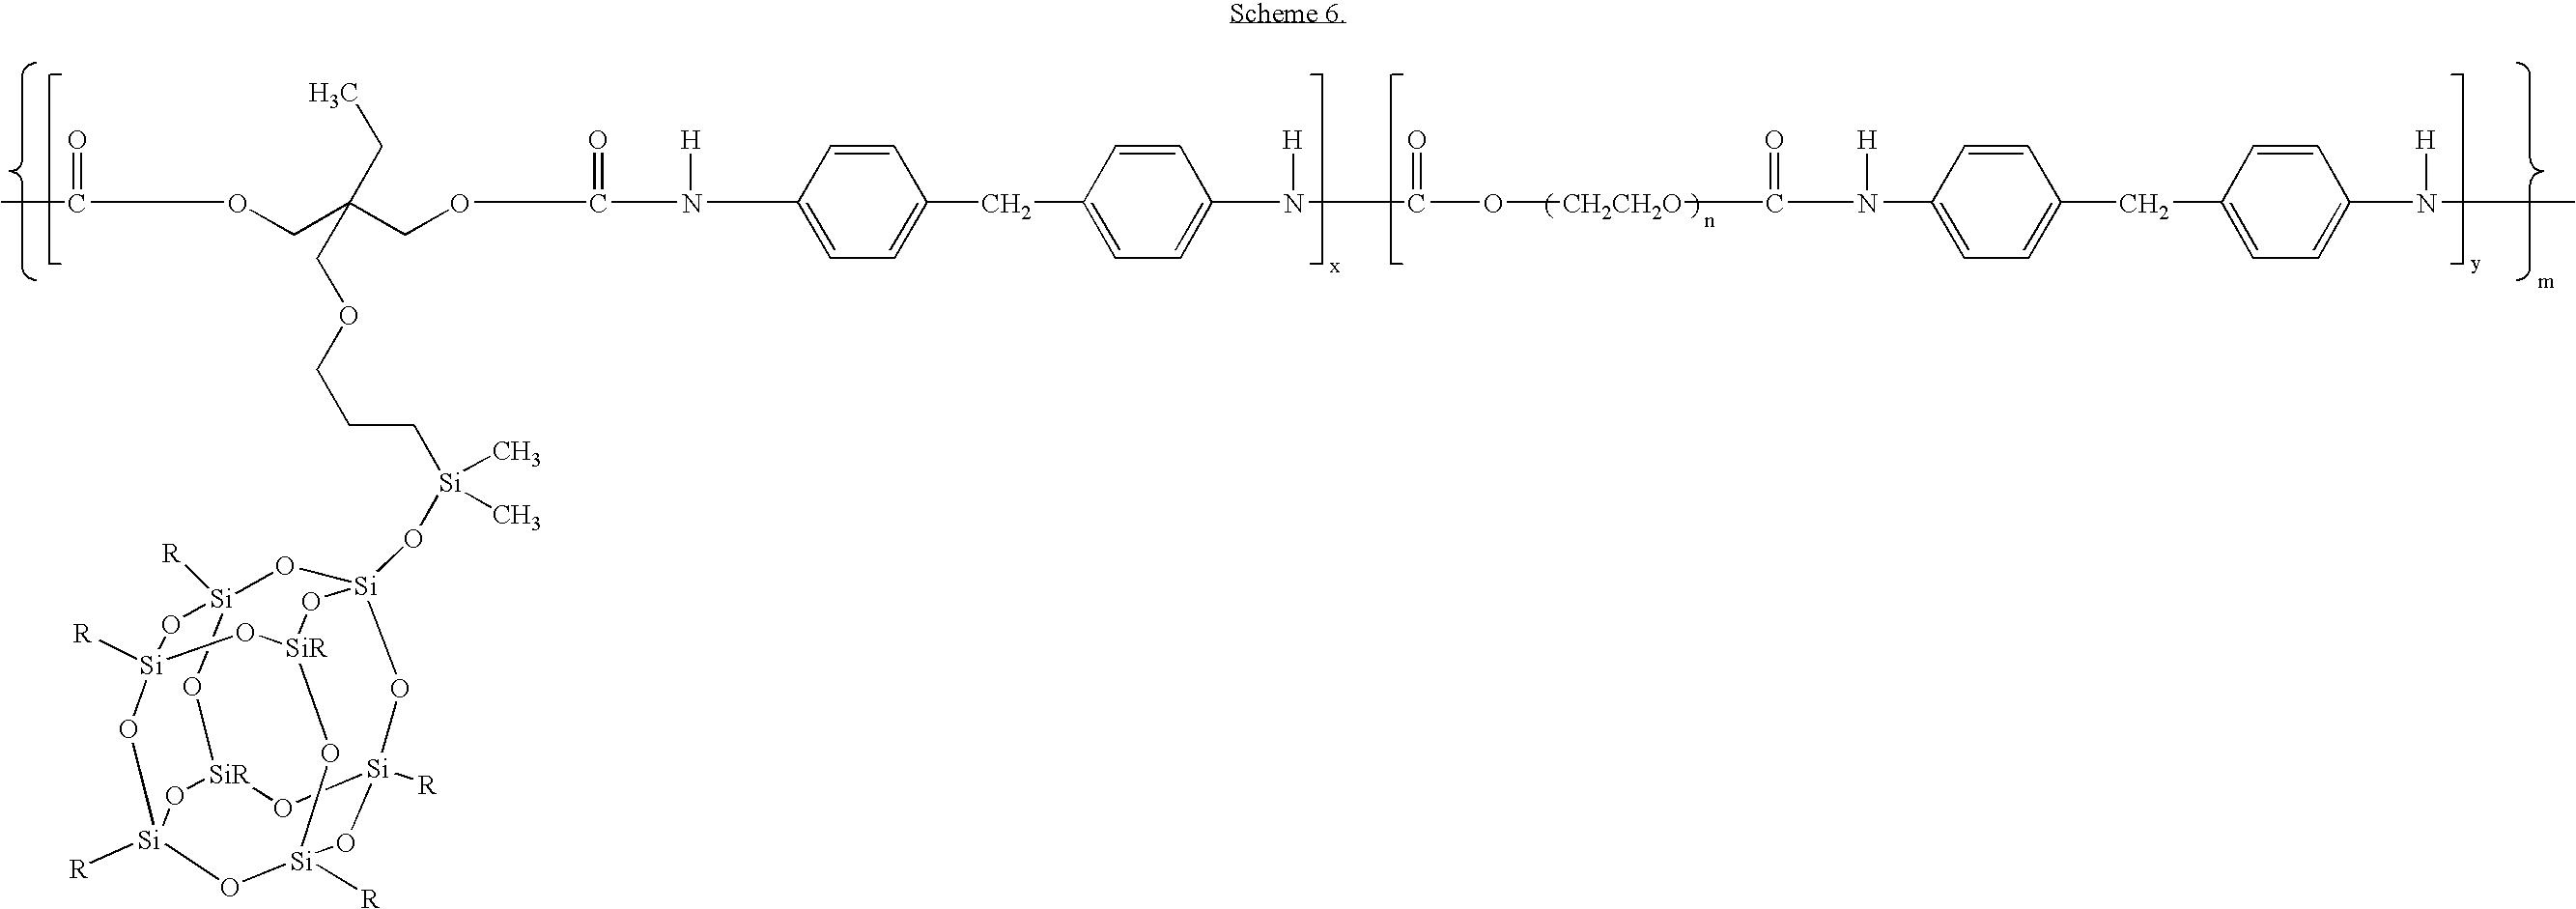 Figure US07524914-20090428-C00006